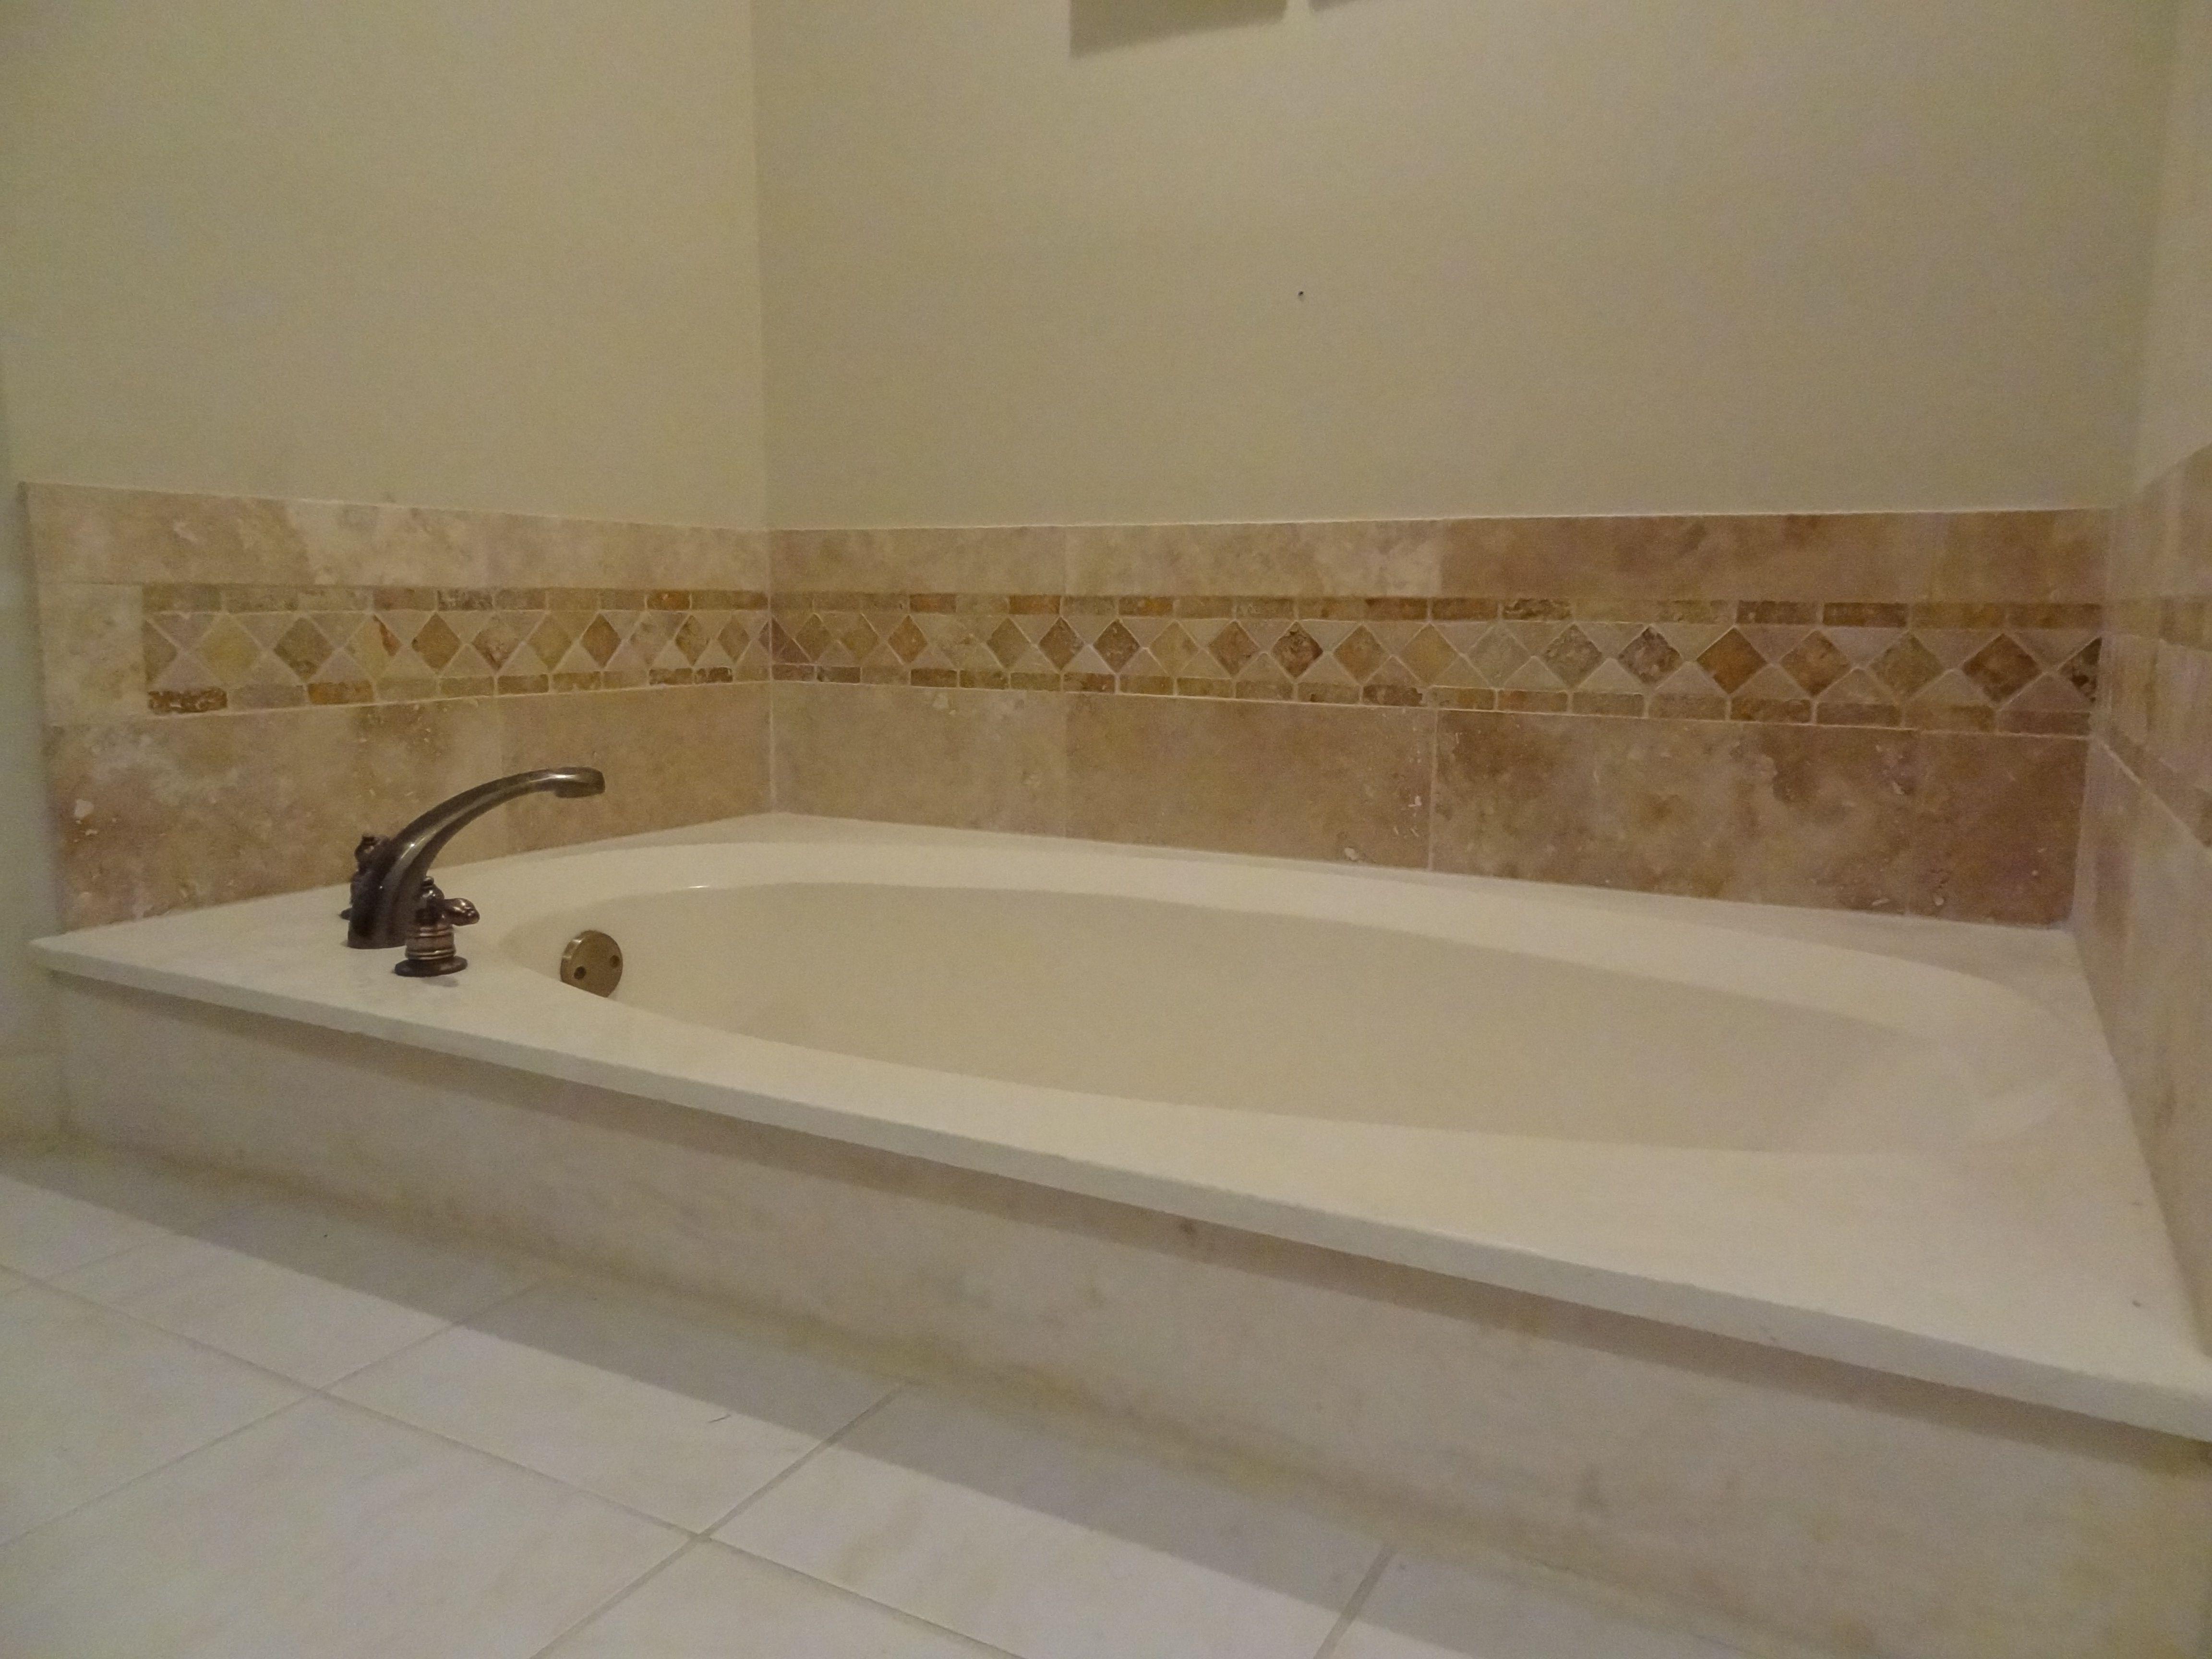 Our own finished bathtub backsplash of travertine tile | Tile ...